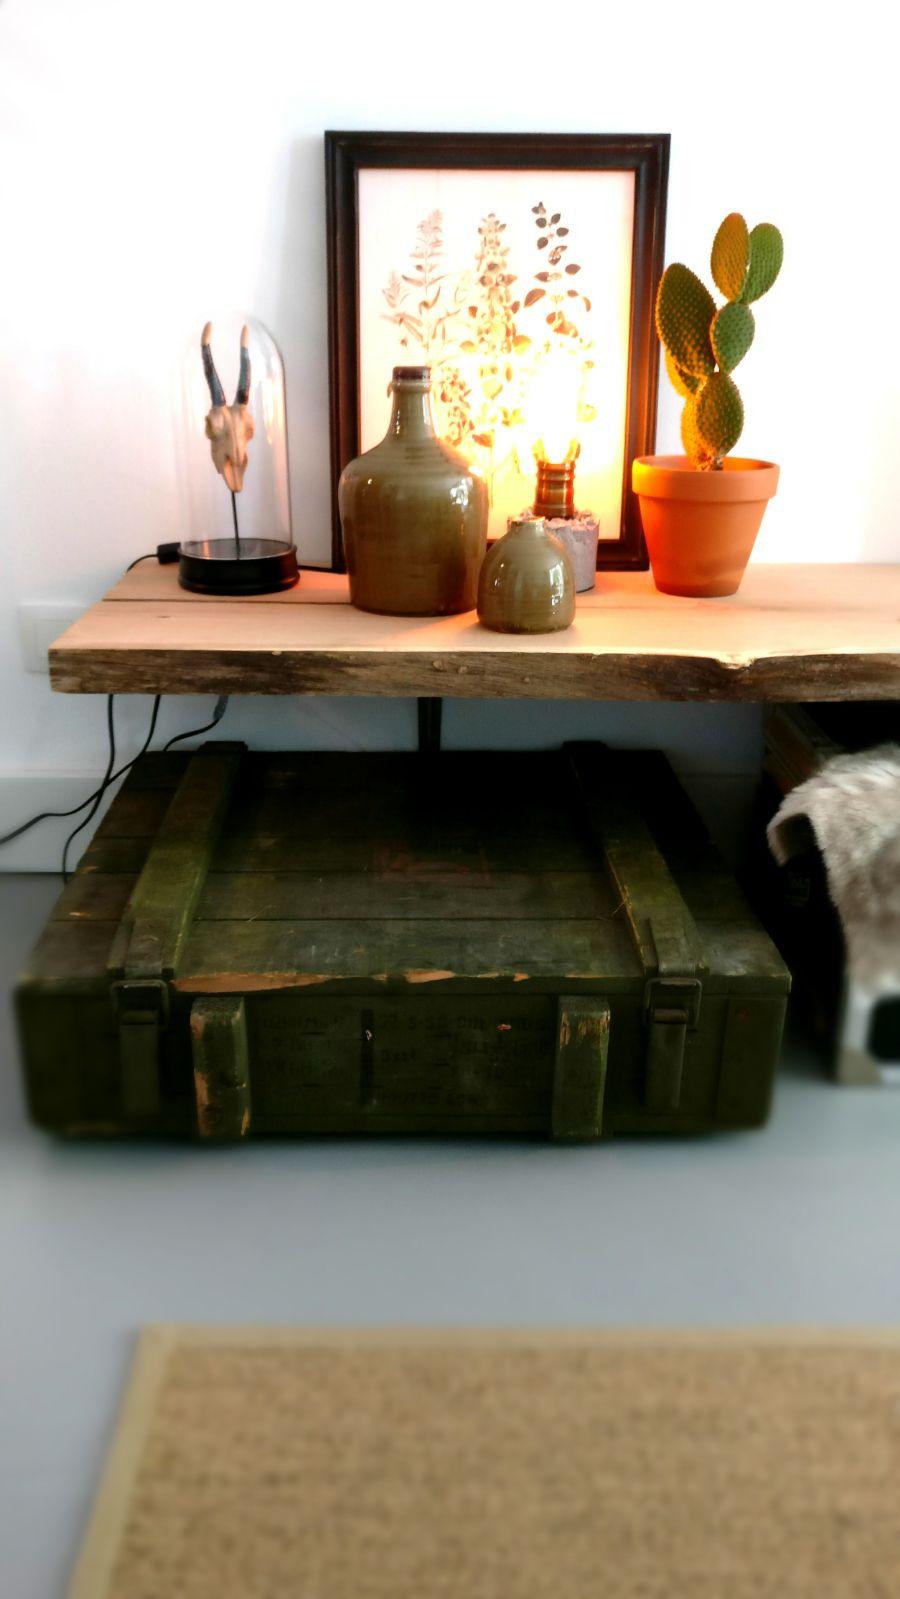 appartement nieuwbouw industrieel stoer vintage koffers kisten legerkist doorsnede boomstam.jpg